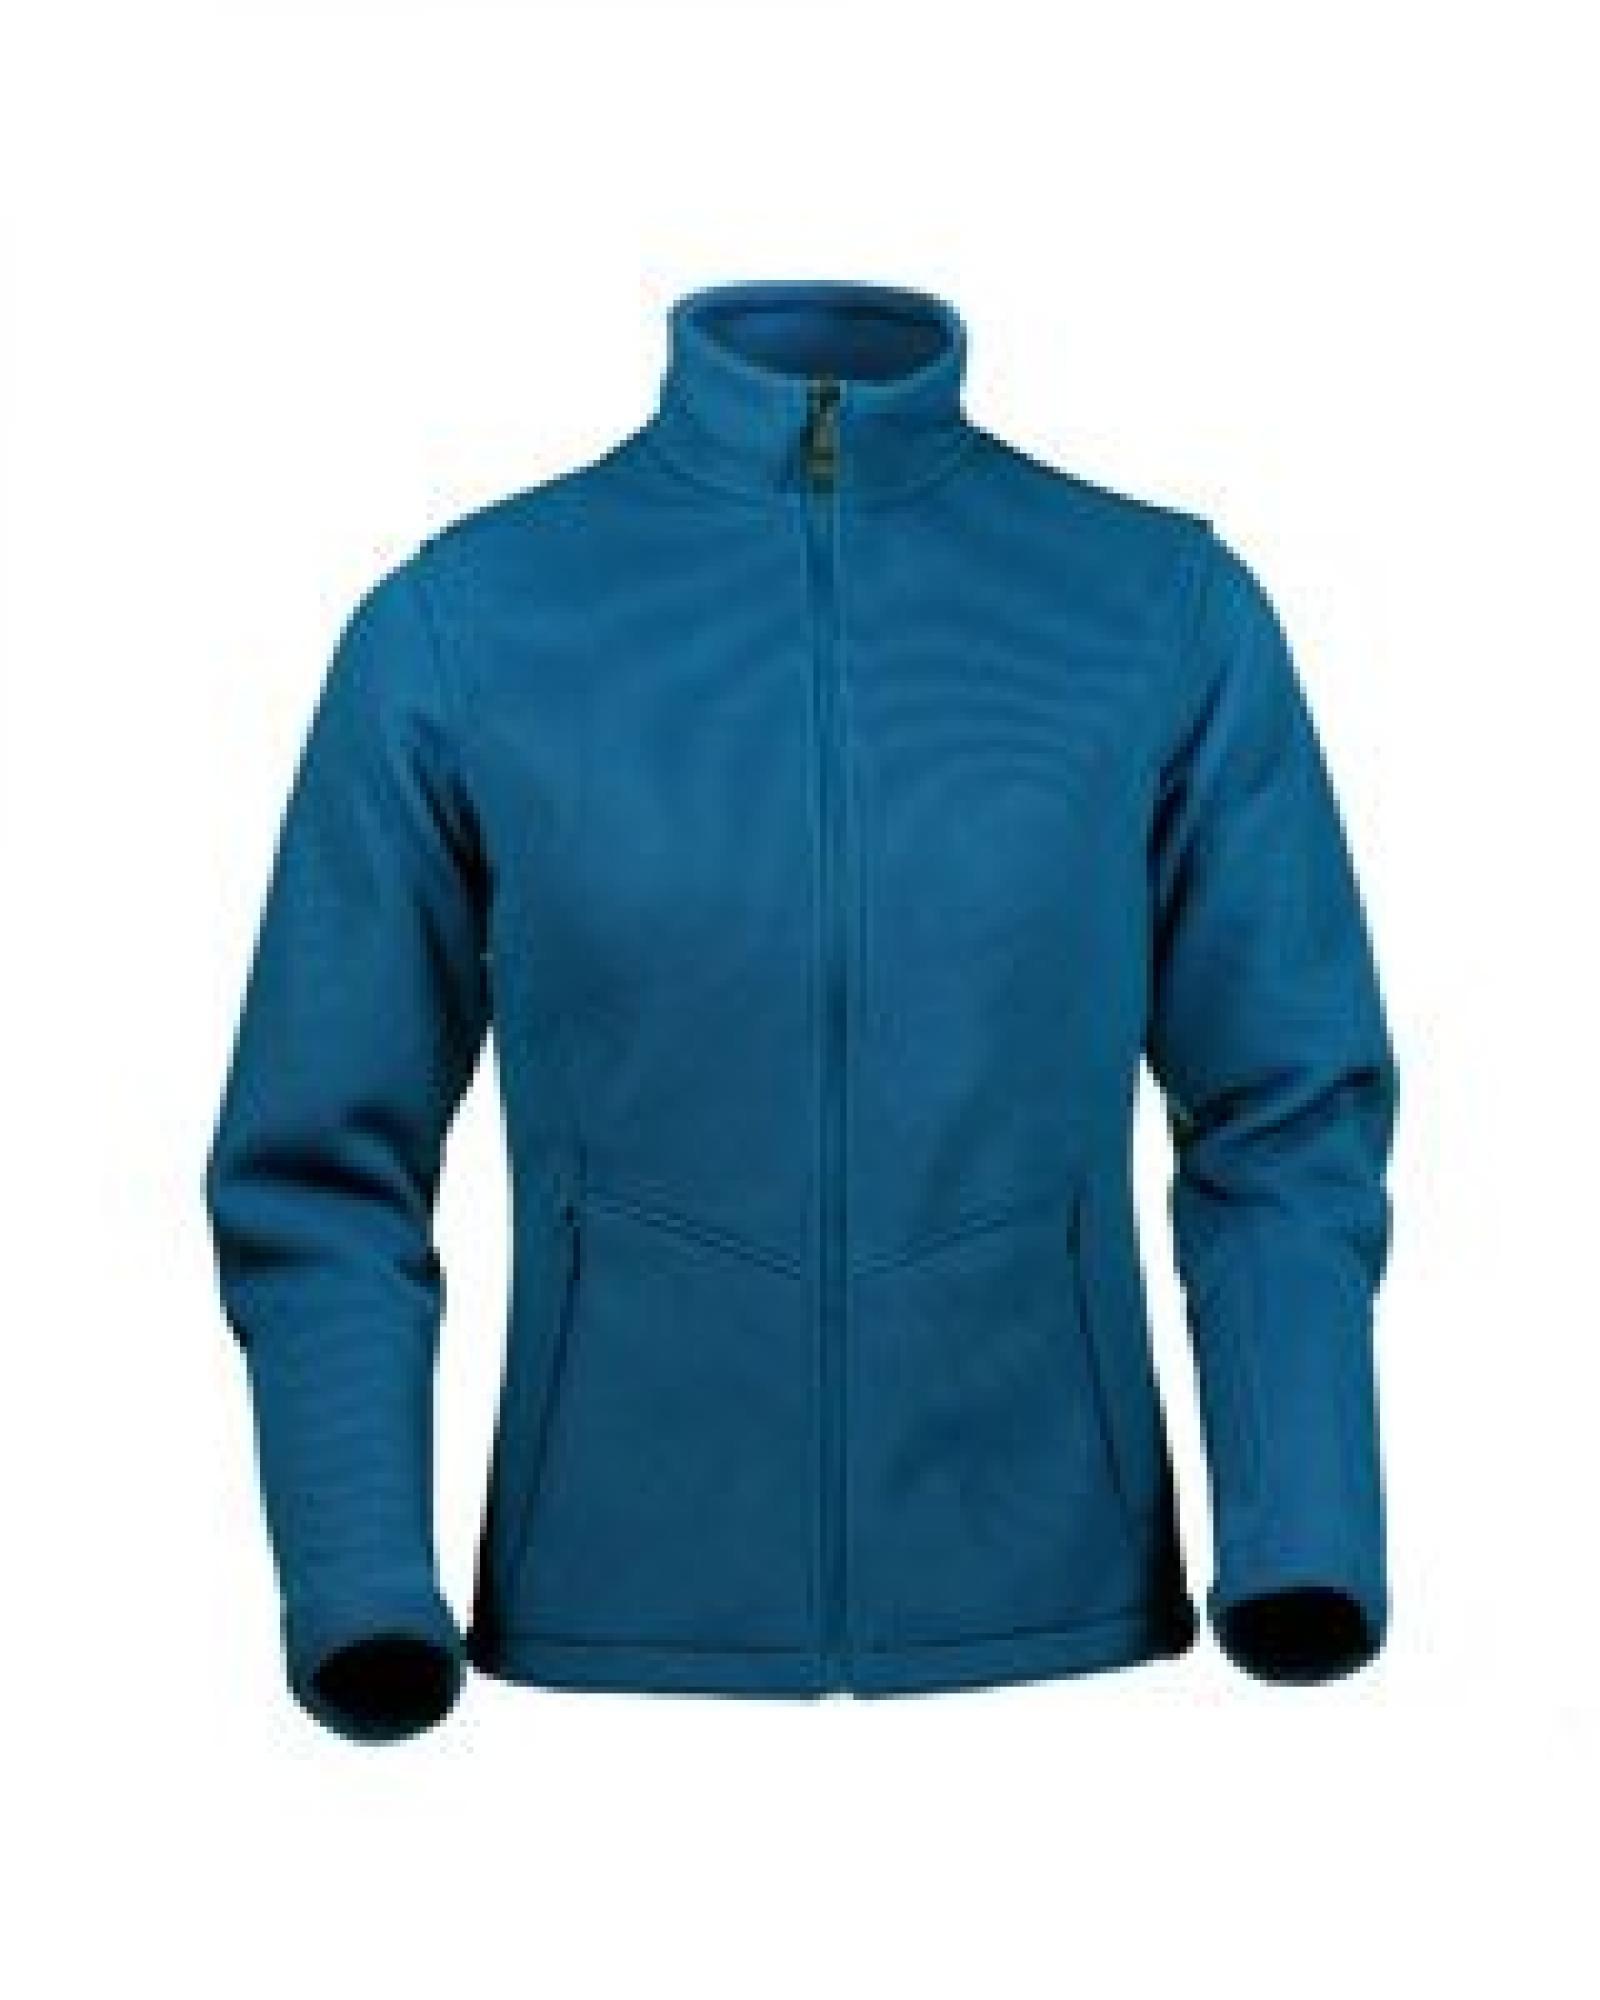 Womens IronWeave Bonded Fleece Jacket NIGHTSHADE - 3XL